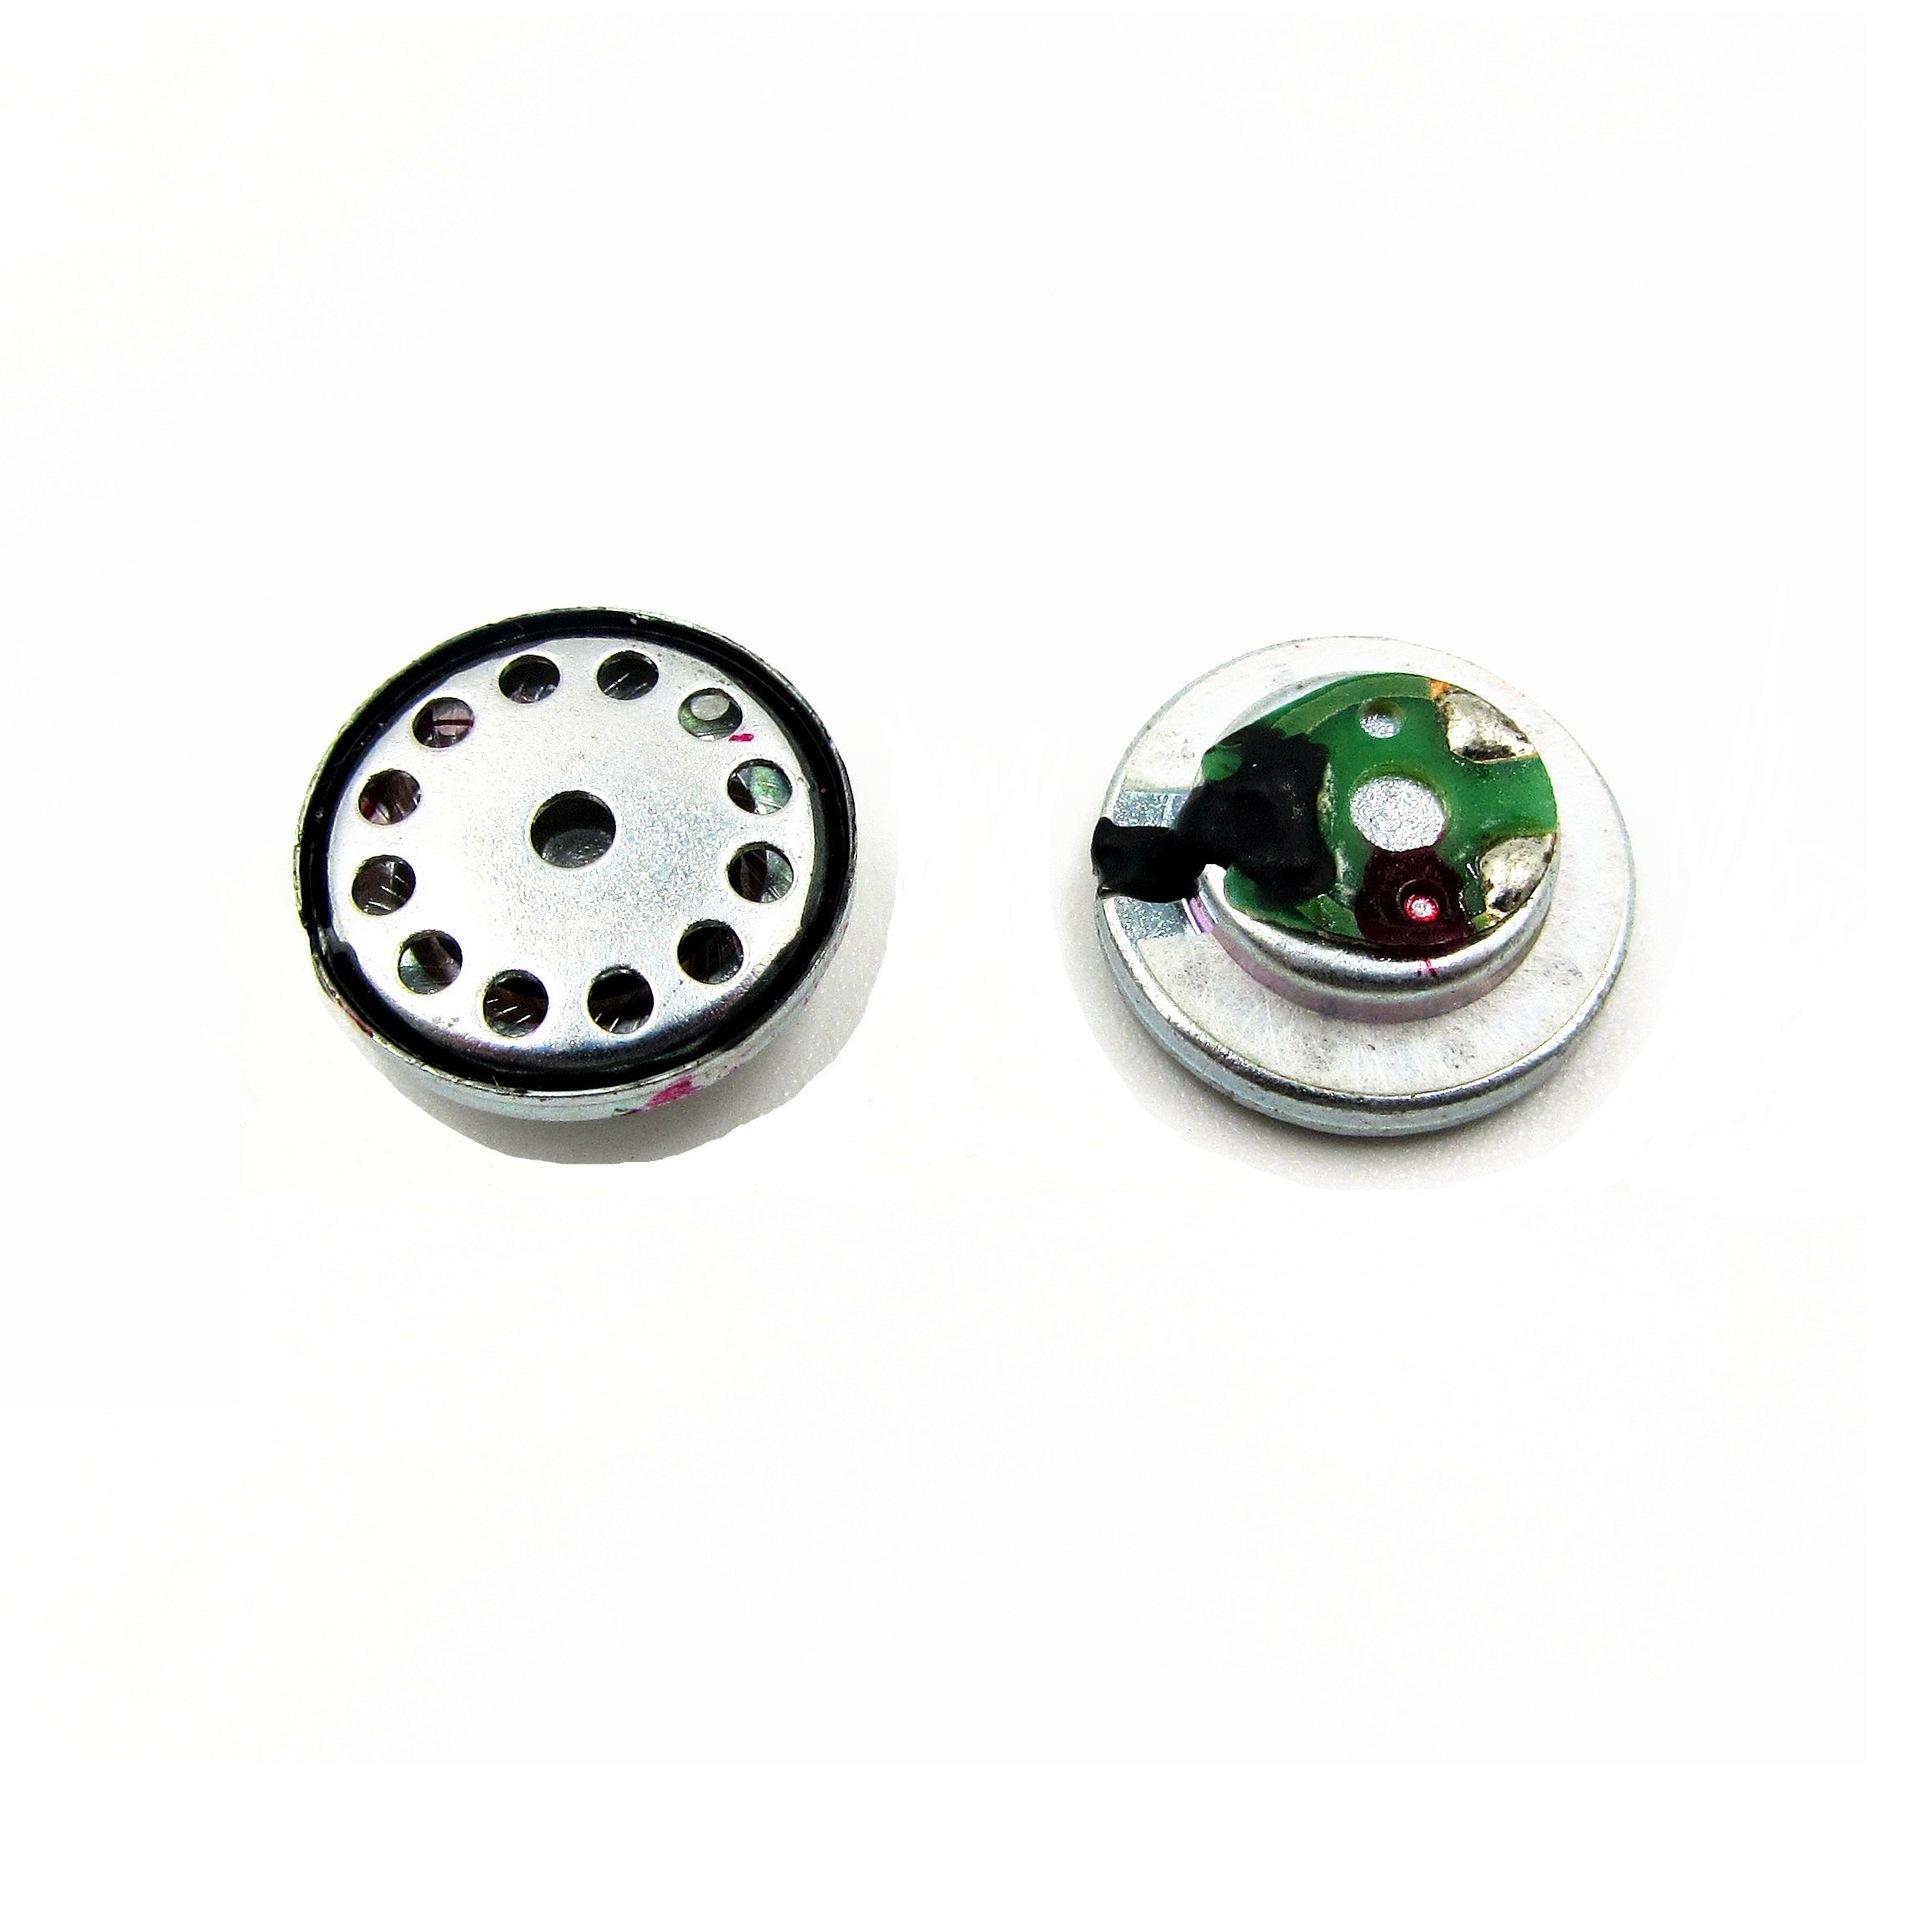 廠家直銷藍牙耳機喇叭13.5mm重低音耳機喇叭單元diy耳塞單元定制